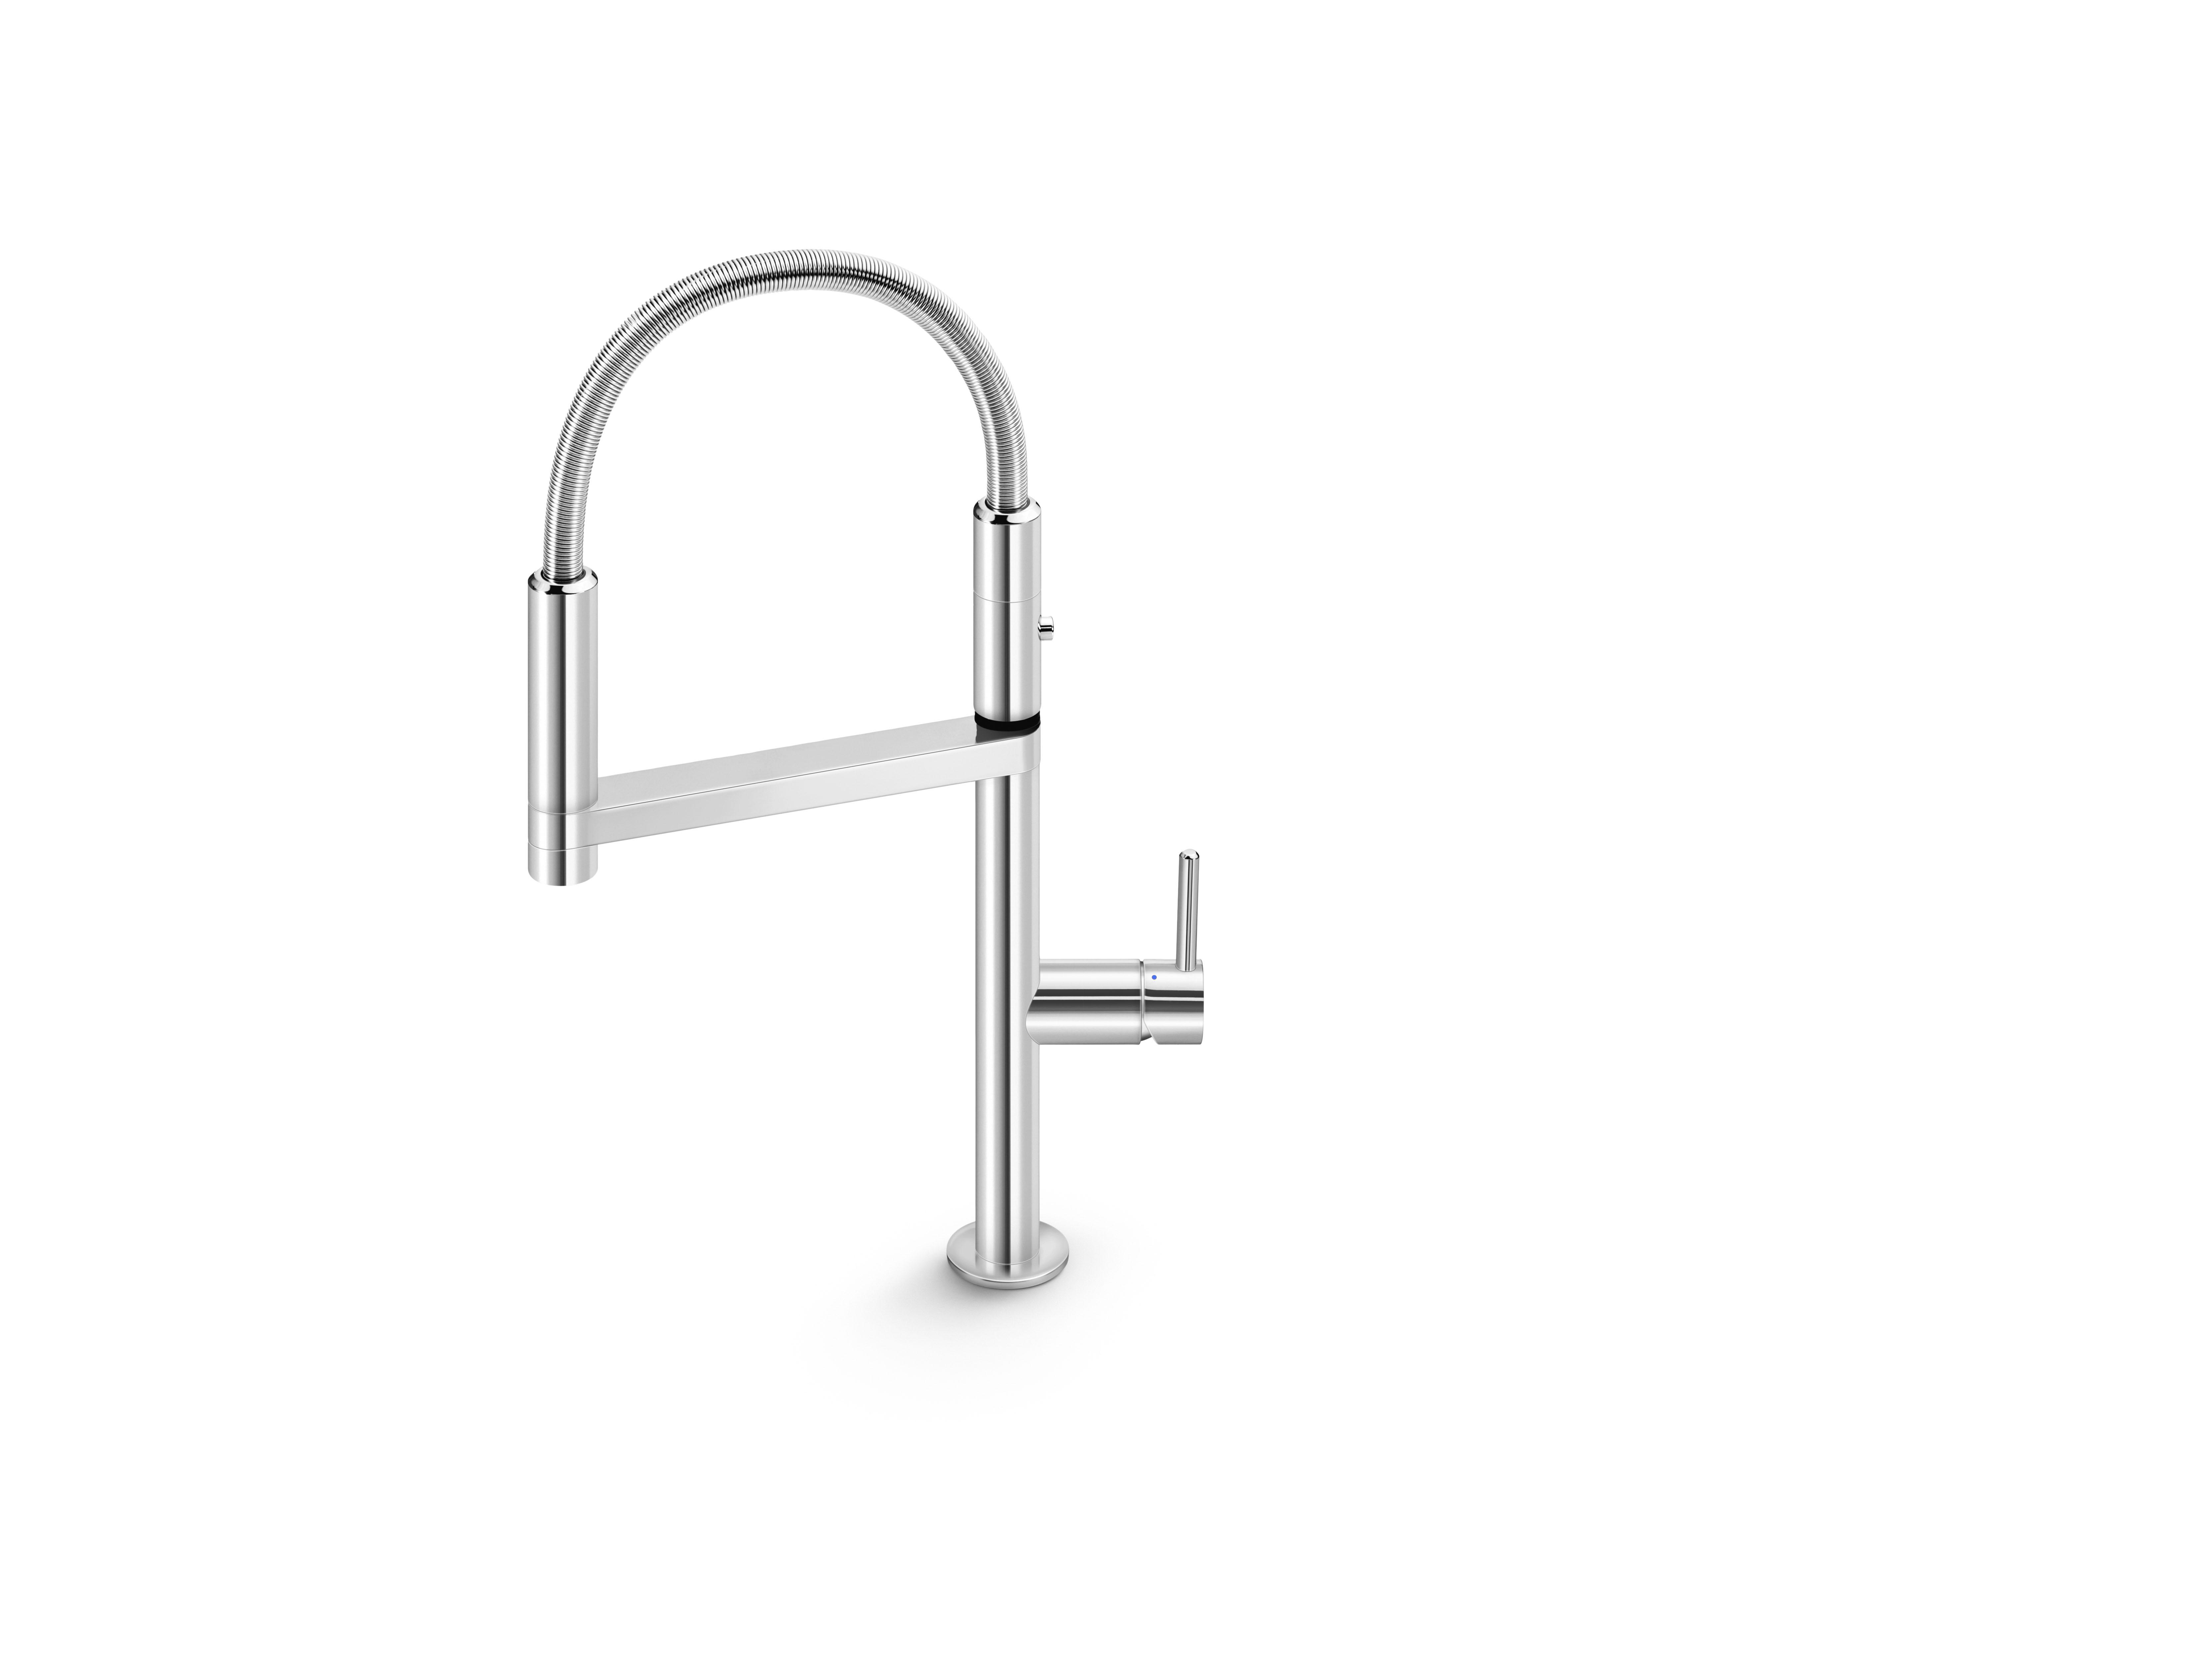 nobili-rubinetterie-miscelatore-cucina-move-design-marco-venzano-8